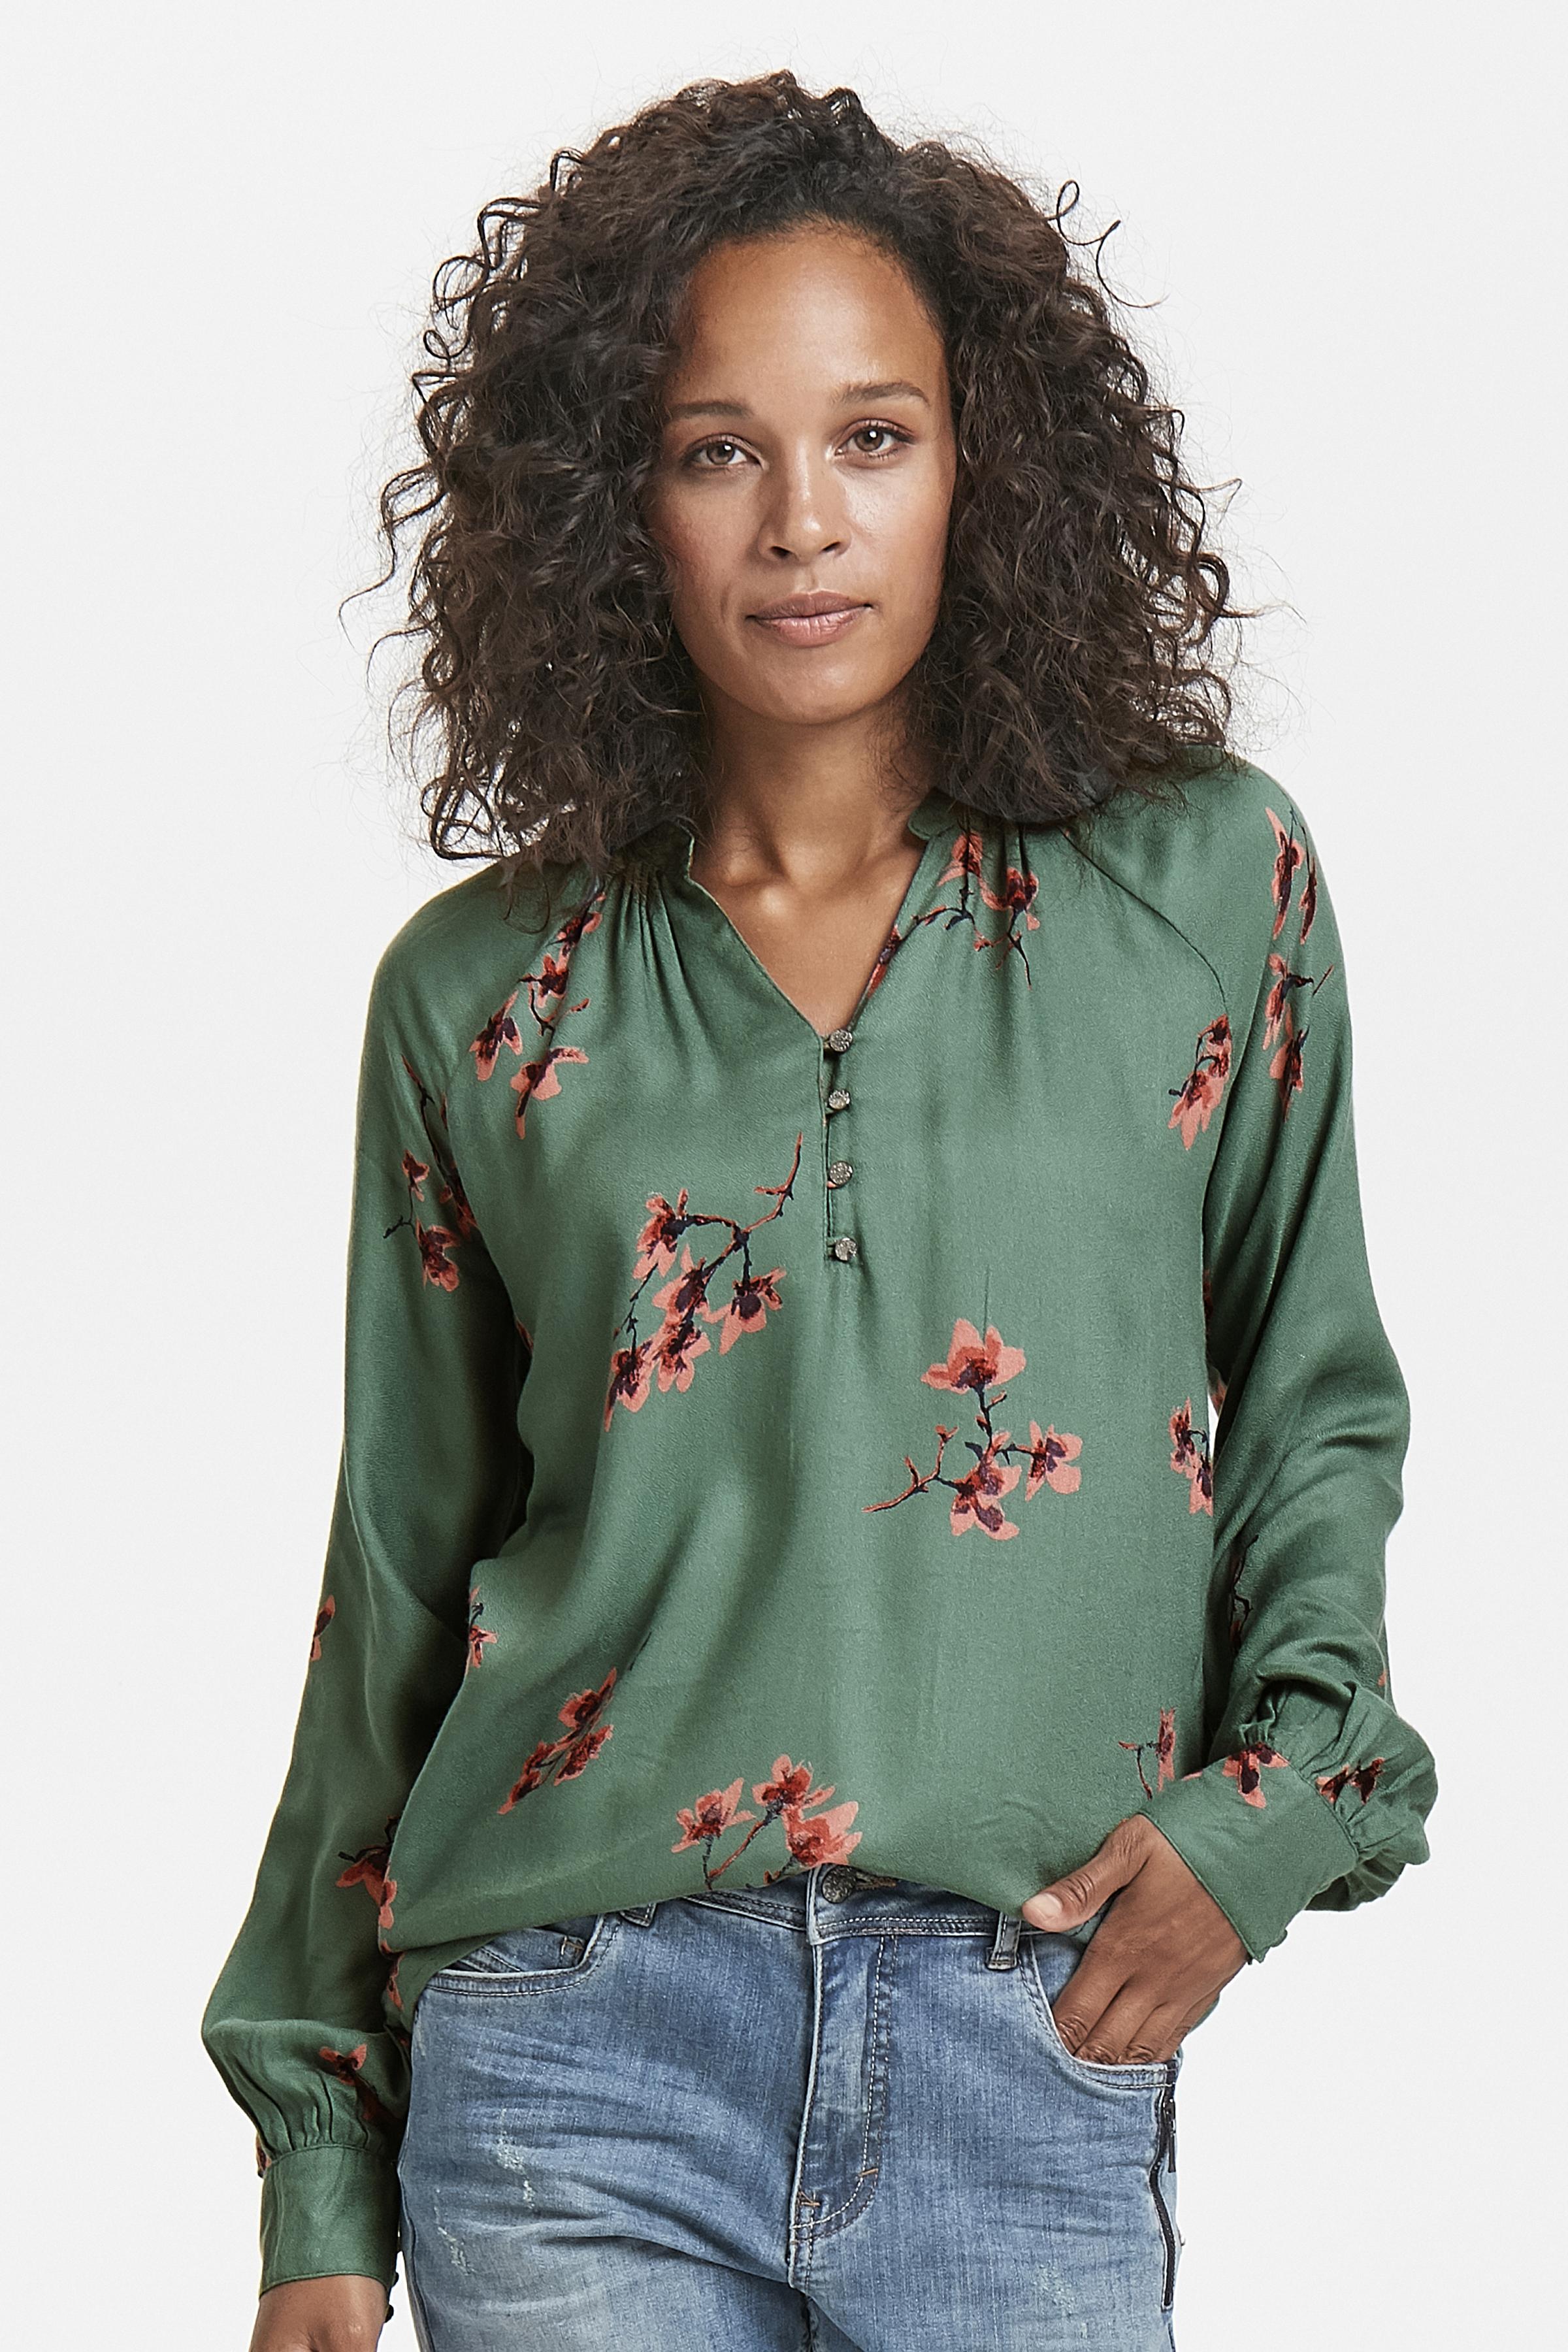 Misty groen/koraalrood Lange mouwen shirt  van Bon'A Parte – Door Misty groen/koraalrood Lange mouwen shirt  van maat. S-2XL hier